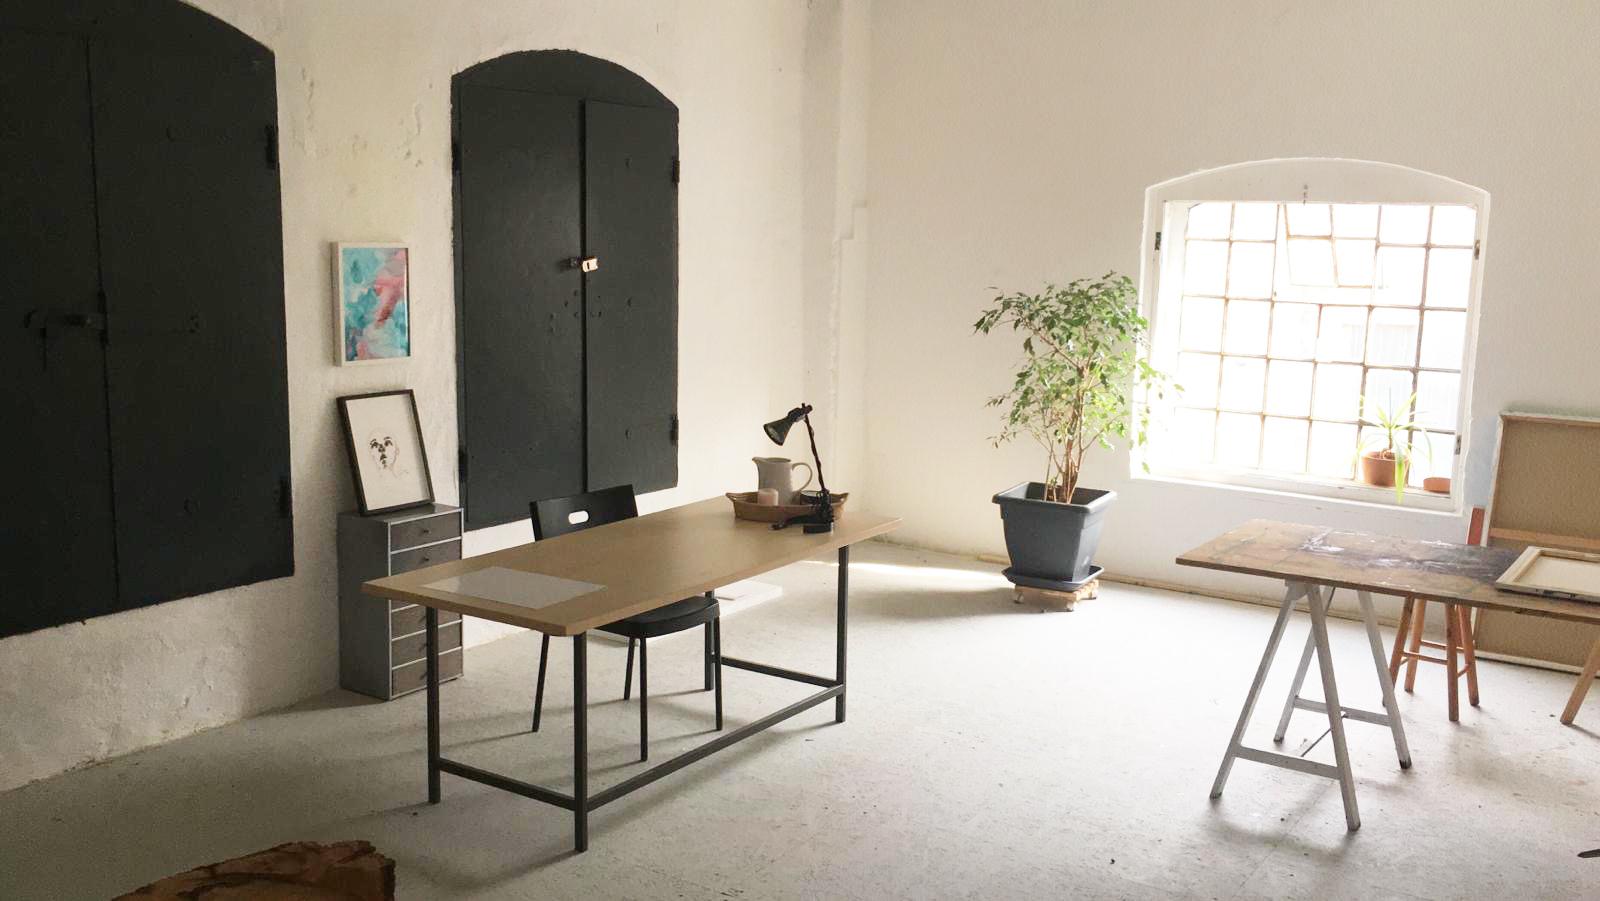 31 m2 Raum + Allgemeinfläche in einem Gemeinschaftsatelier zu vermieten